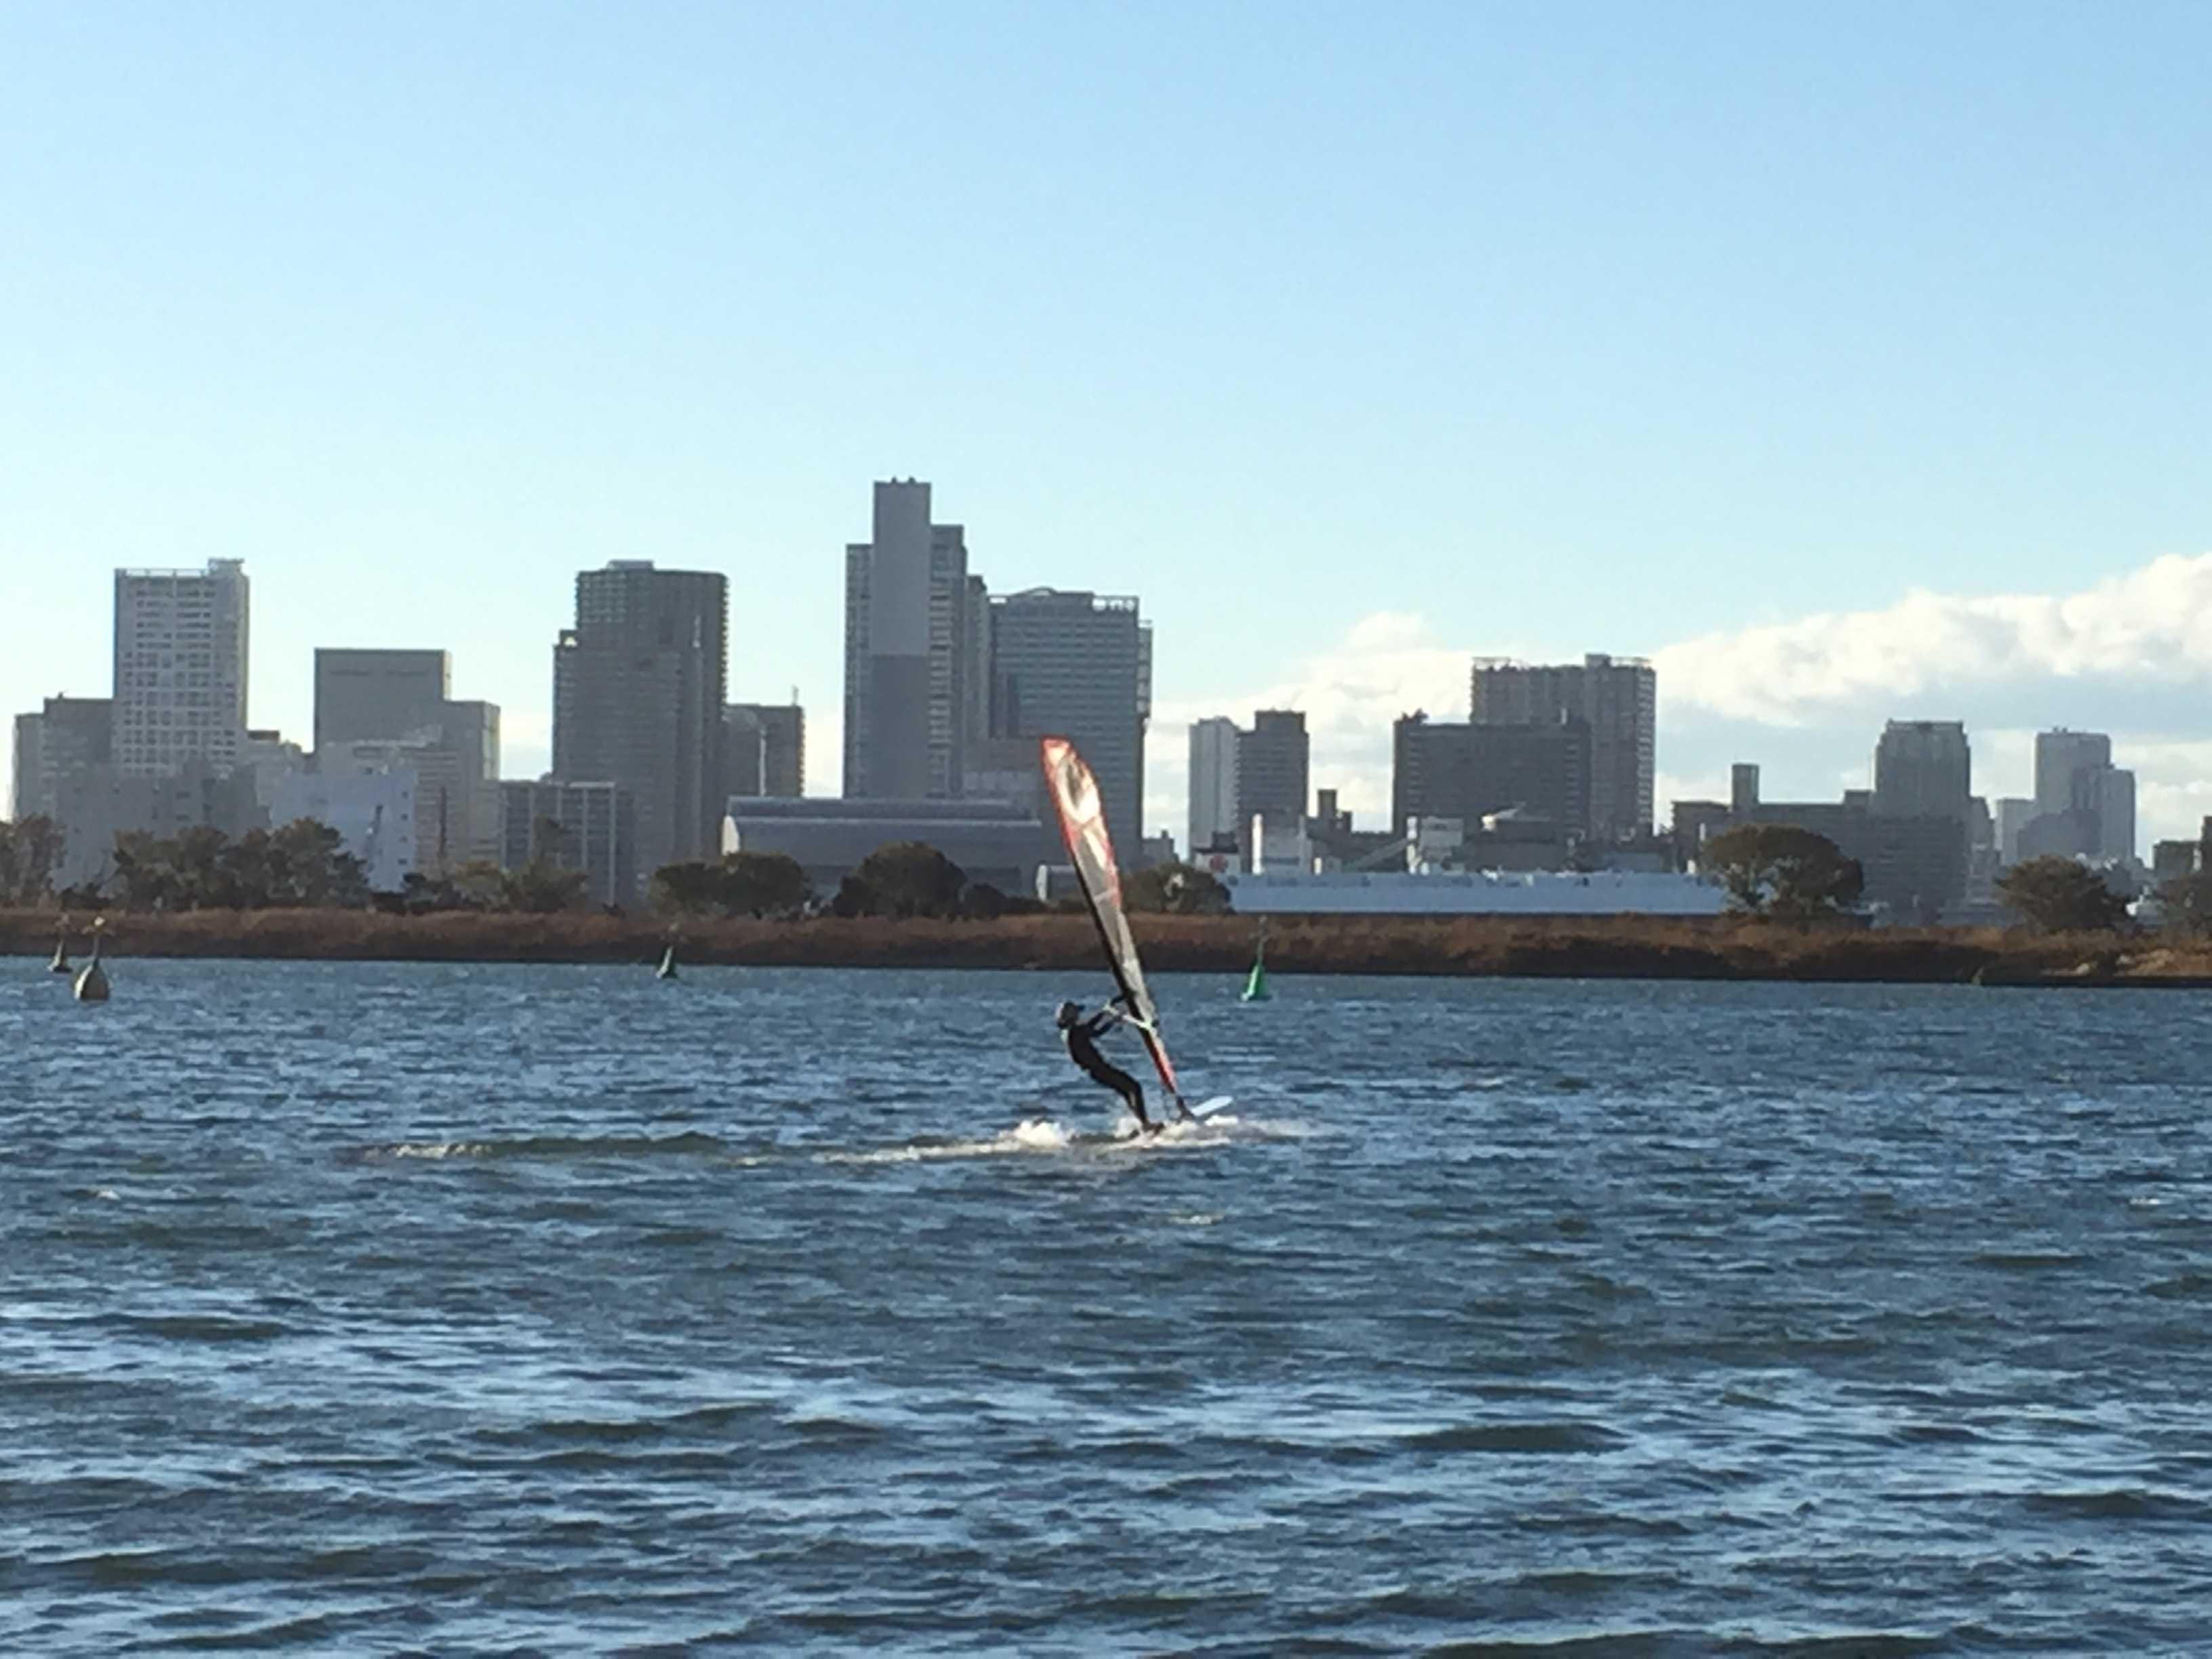 ウインドサーフィン - お台場海浜公園